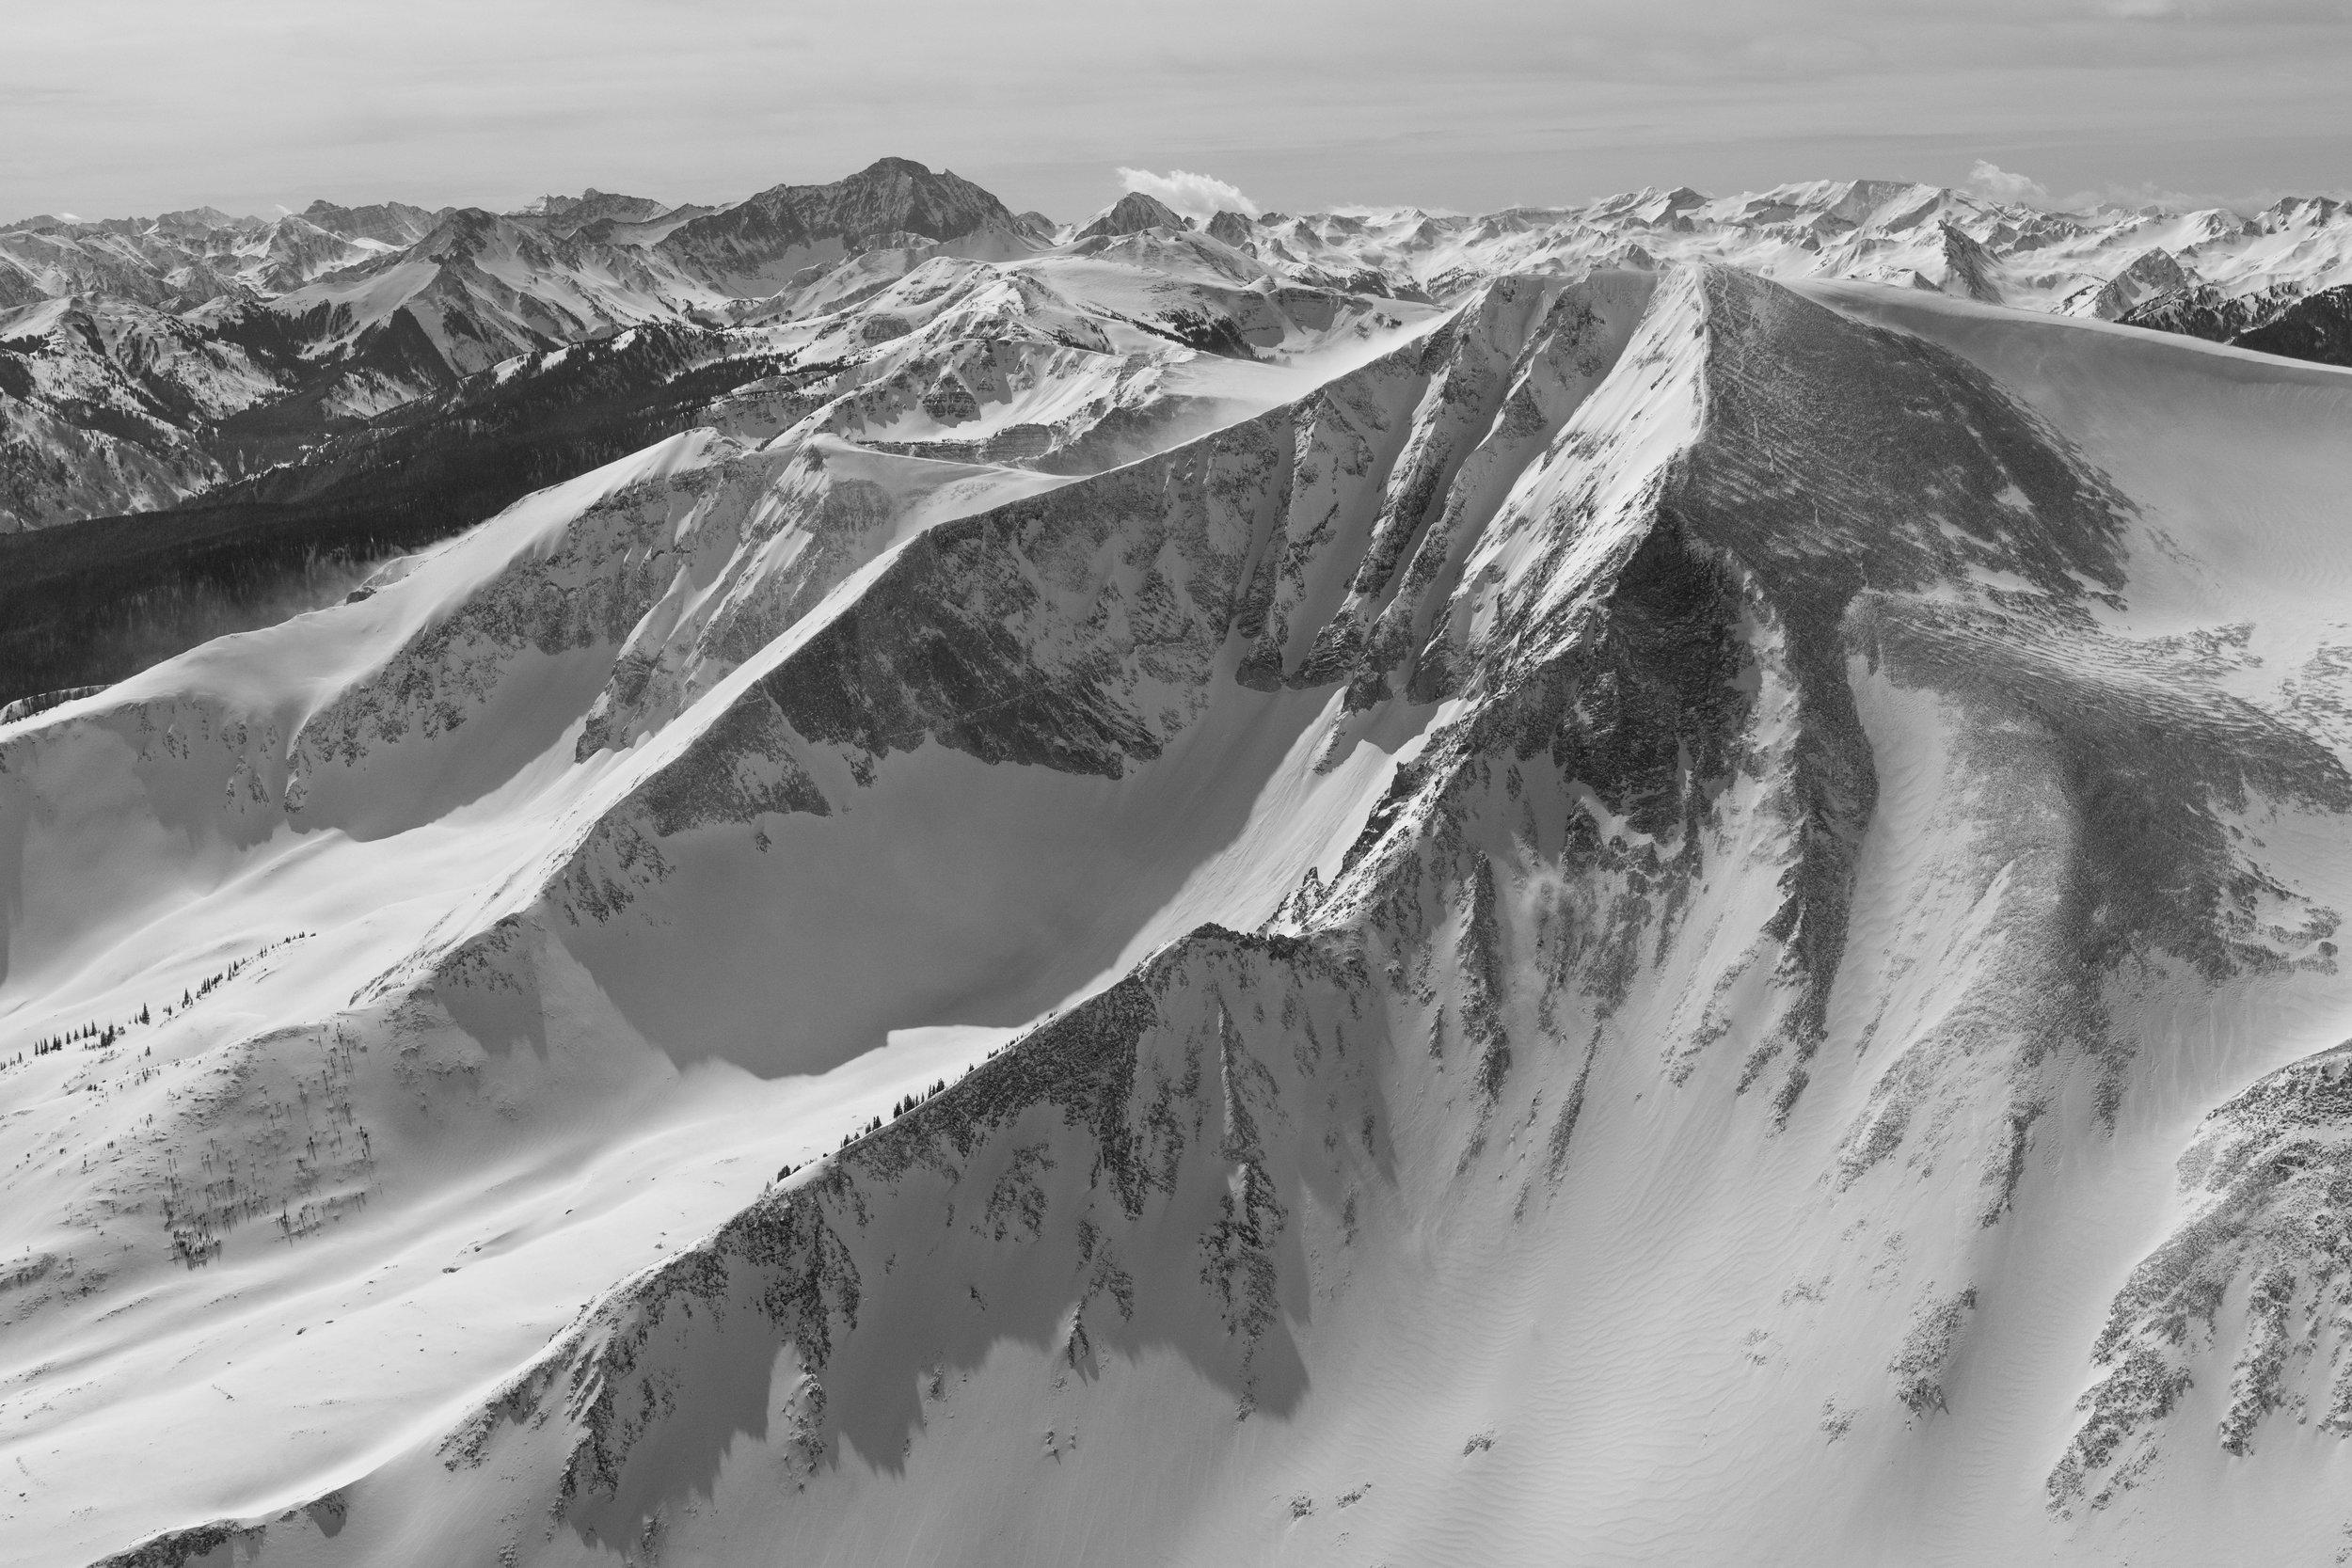 East Peak #3, Mt. Sopris